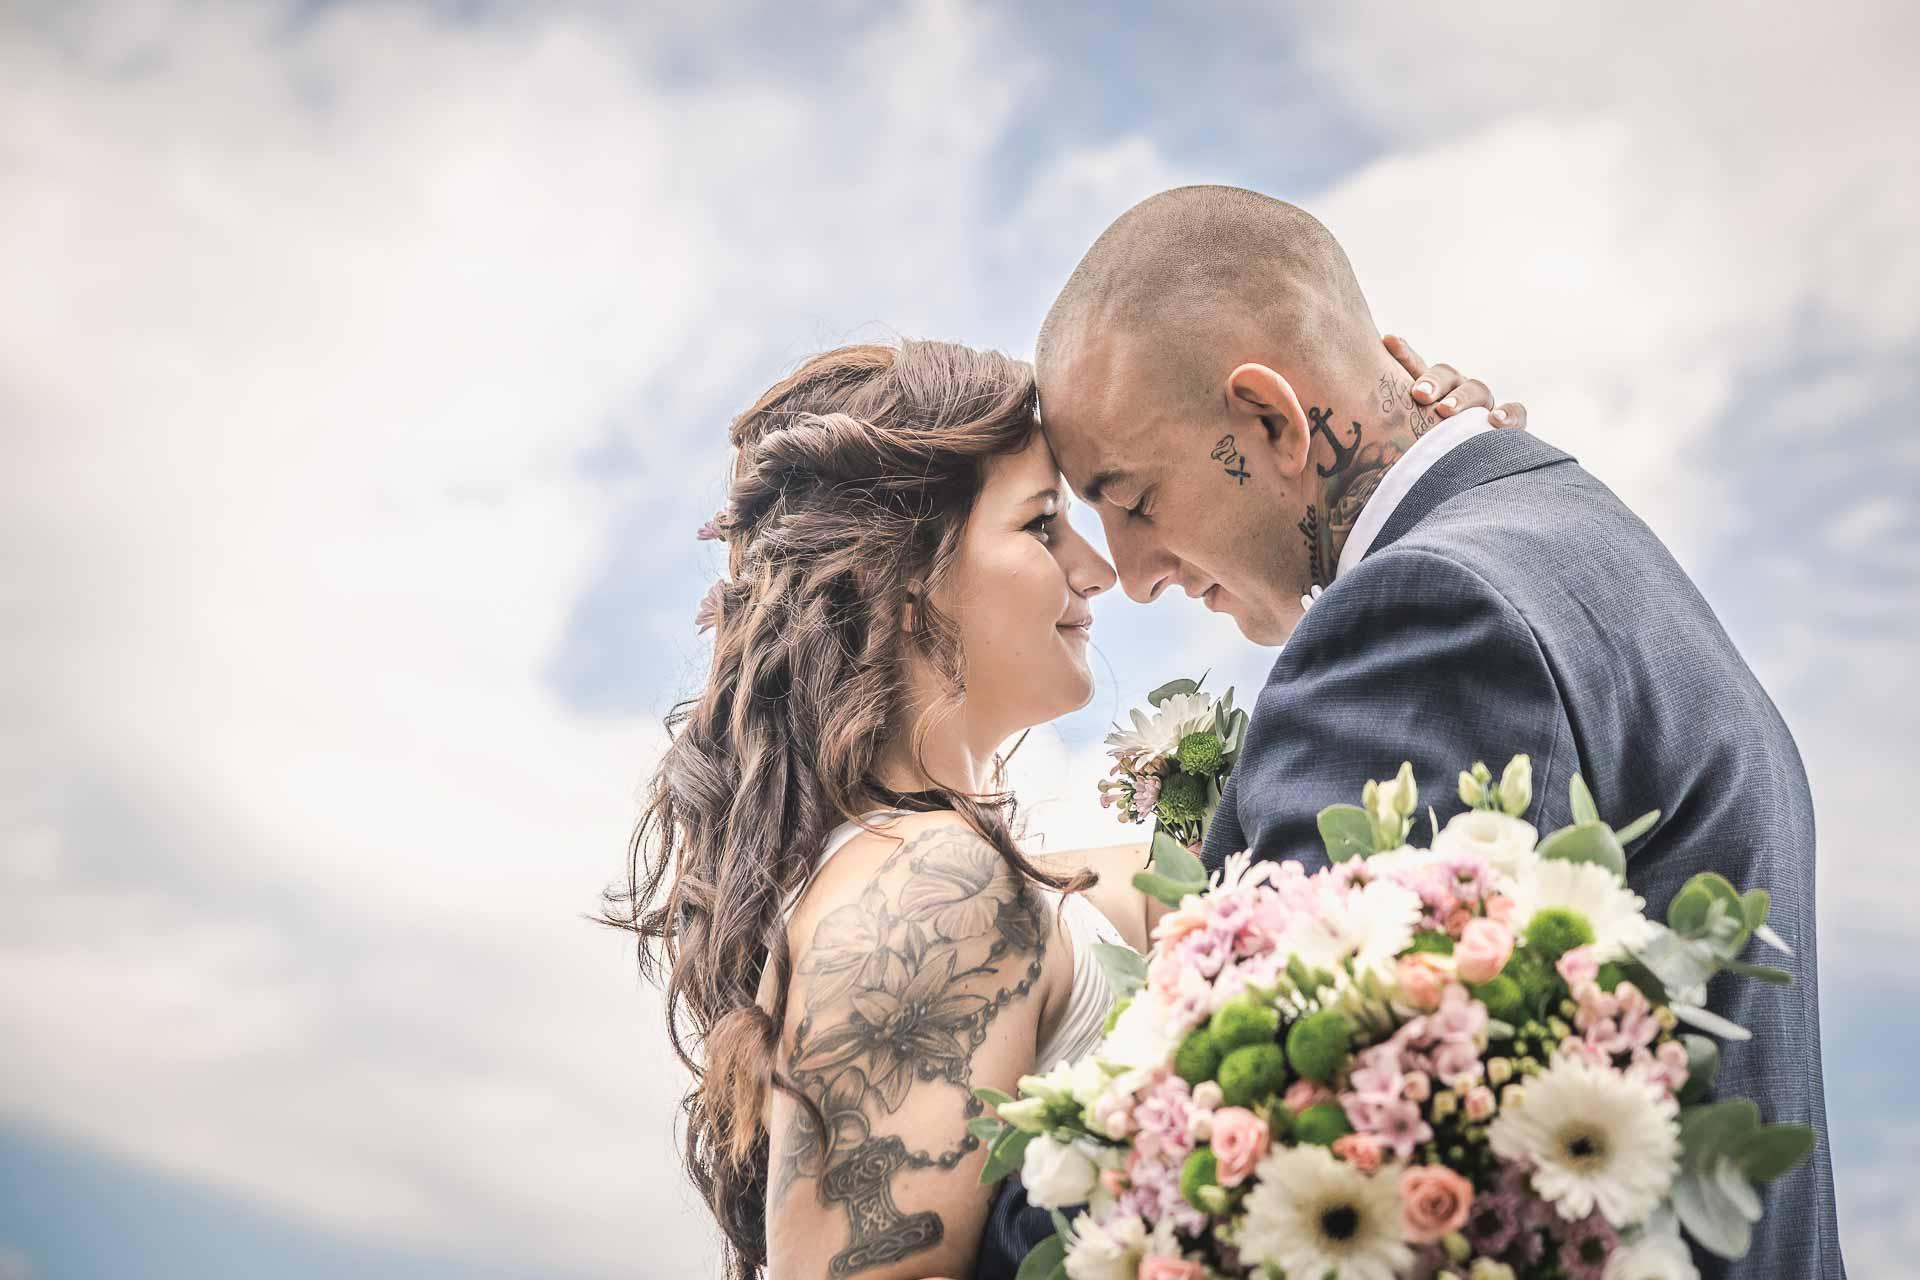 focení-svatby-svatební-fotky-svatební-klip